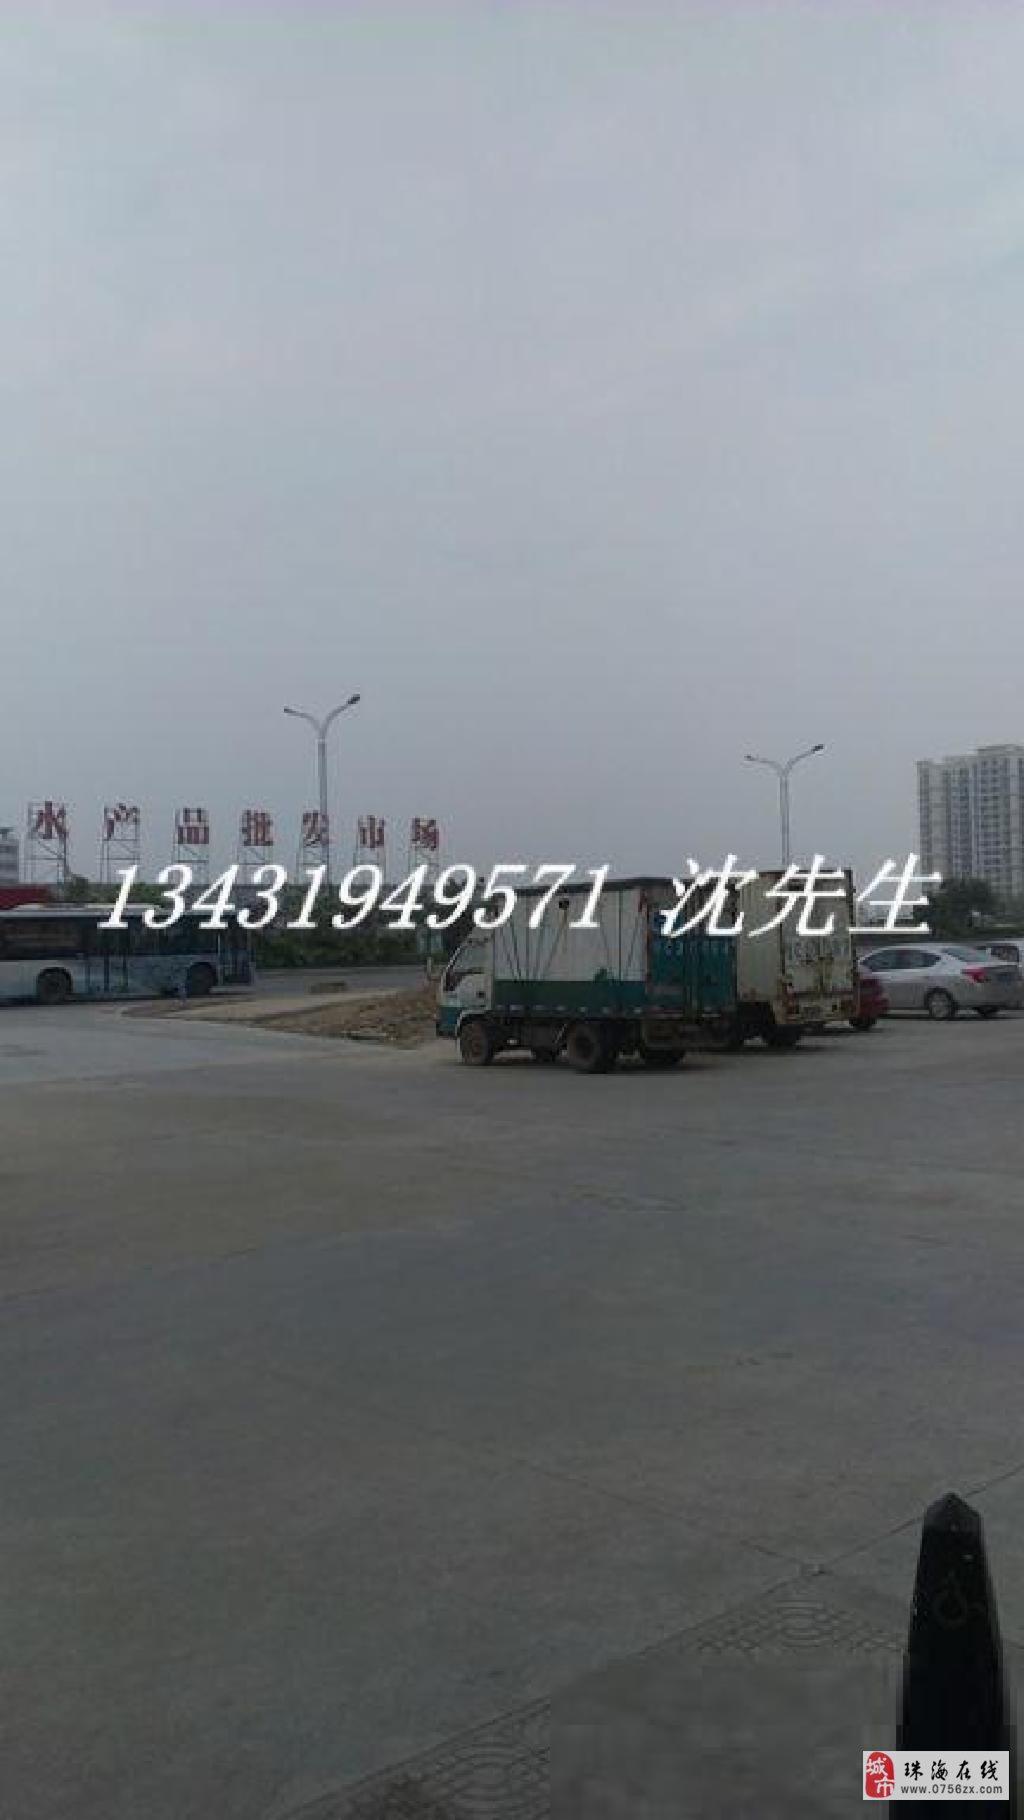 红旗镇更名临街旺铺急售无杂费单价18000元现铺